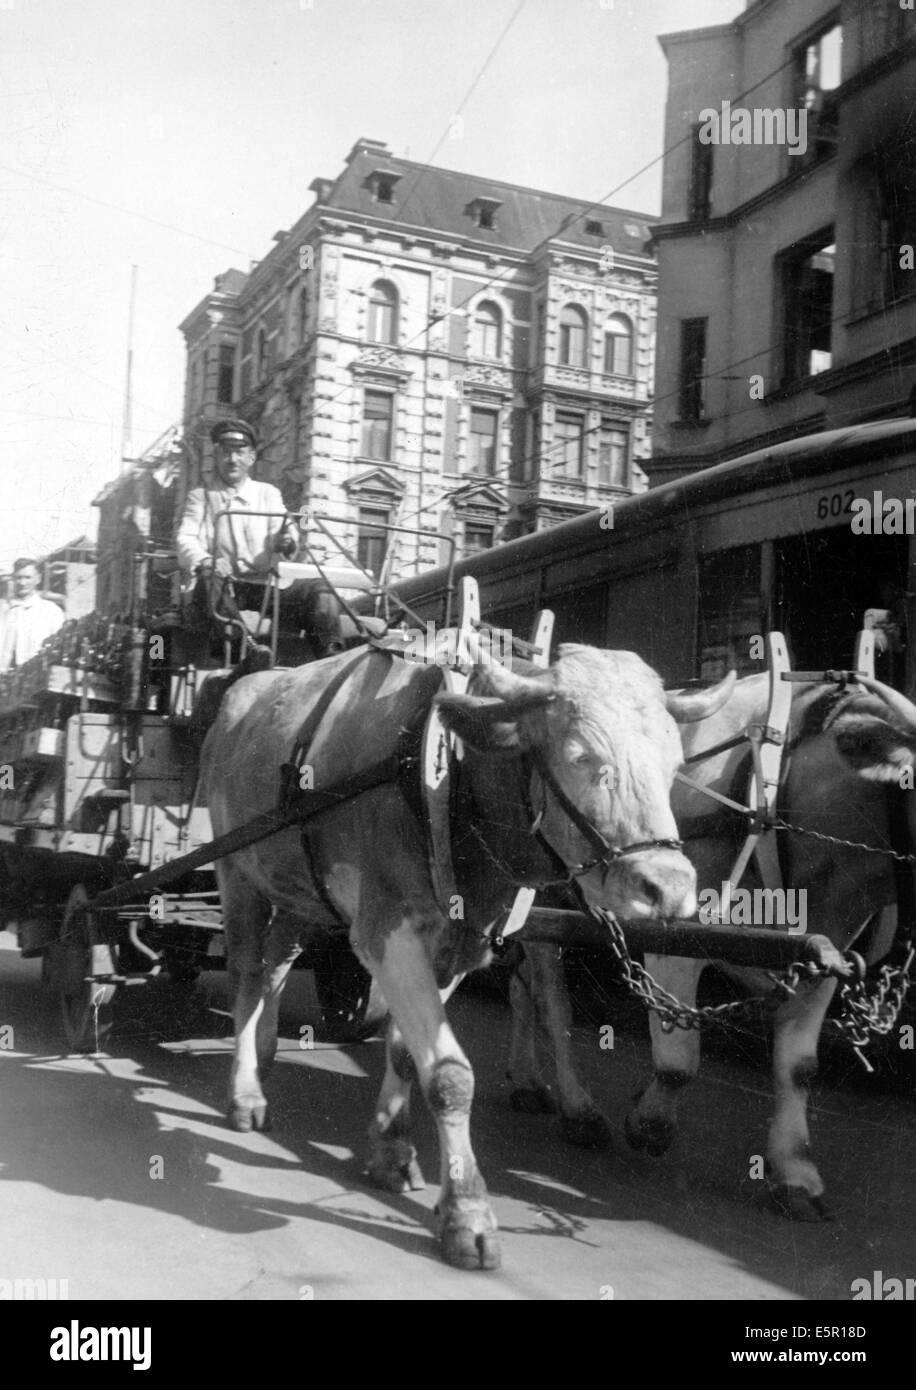 La photo d'un Nazi nouvelles rapport montre un boeufs tirant une charrette à Berlin, Allemagne, octobre Photo Stock